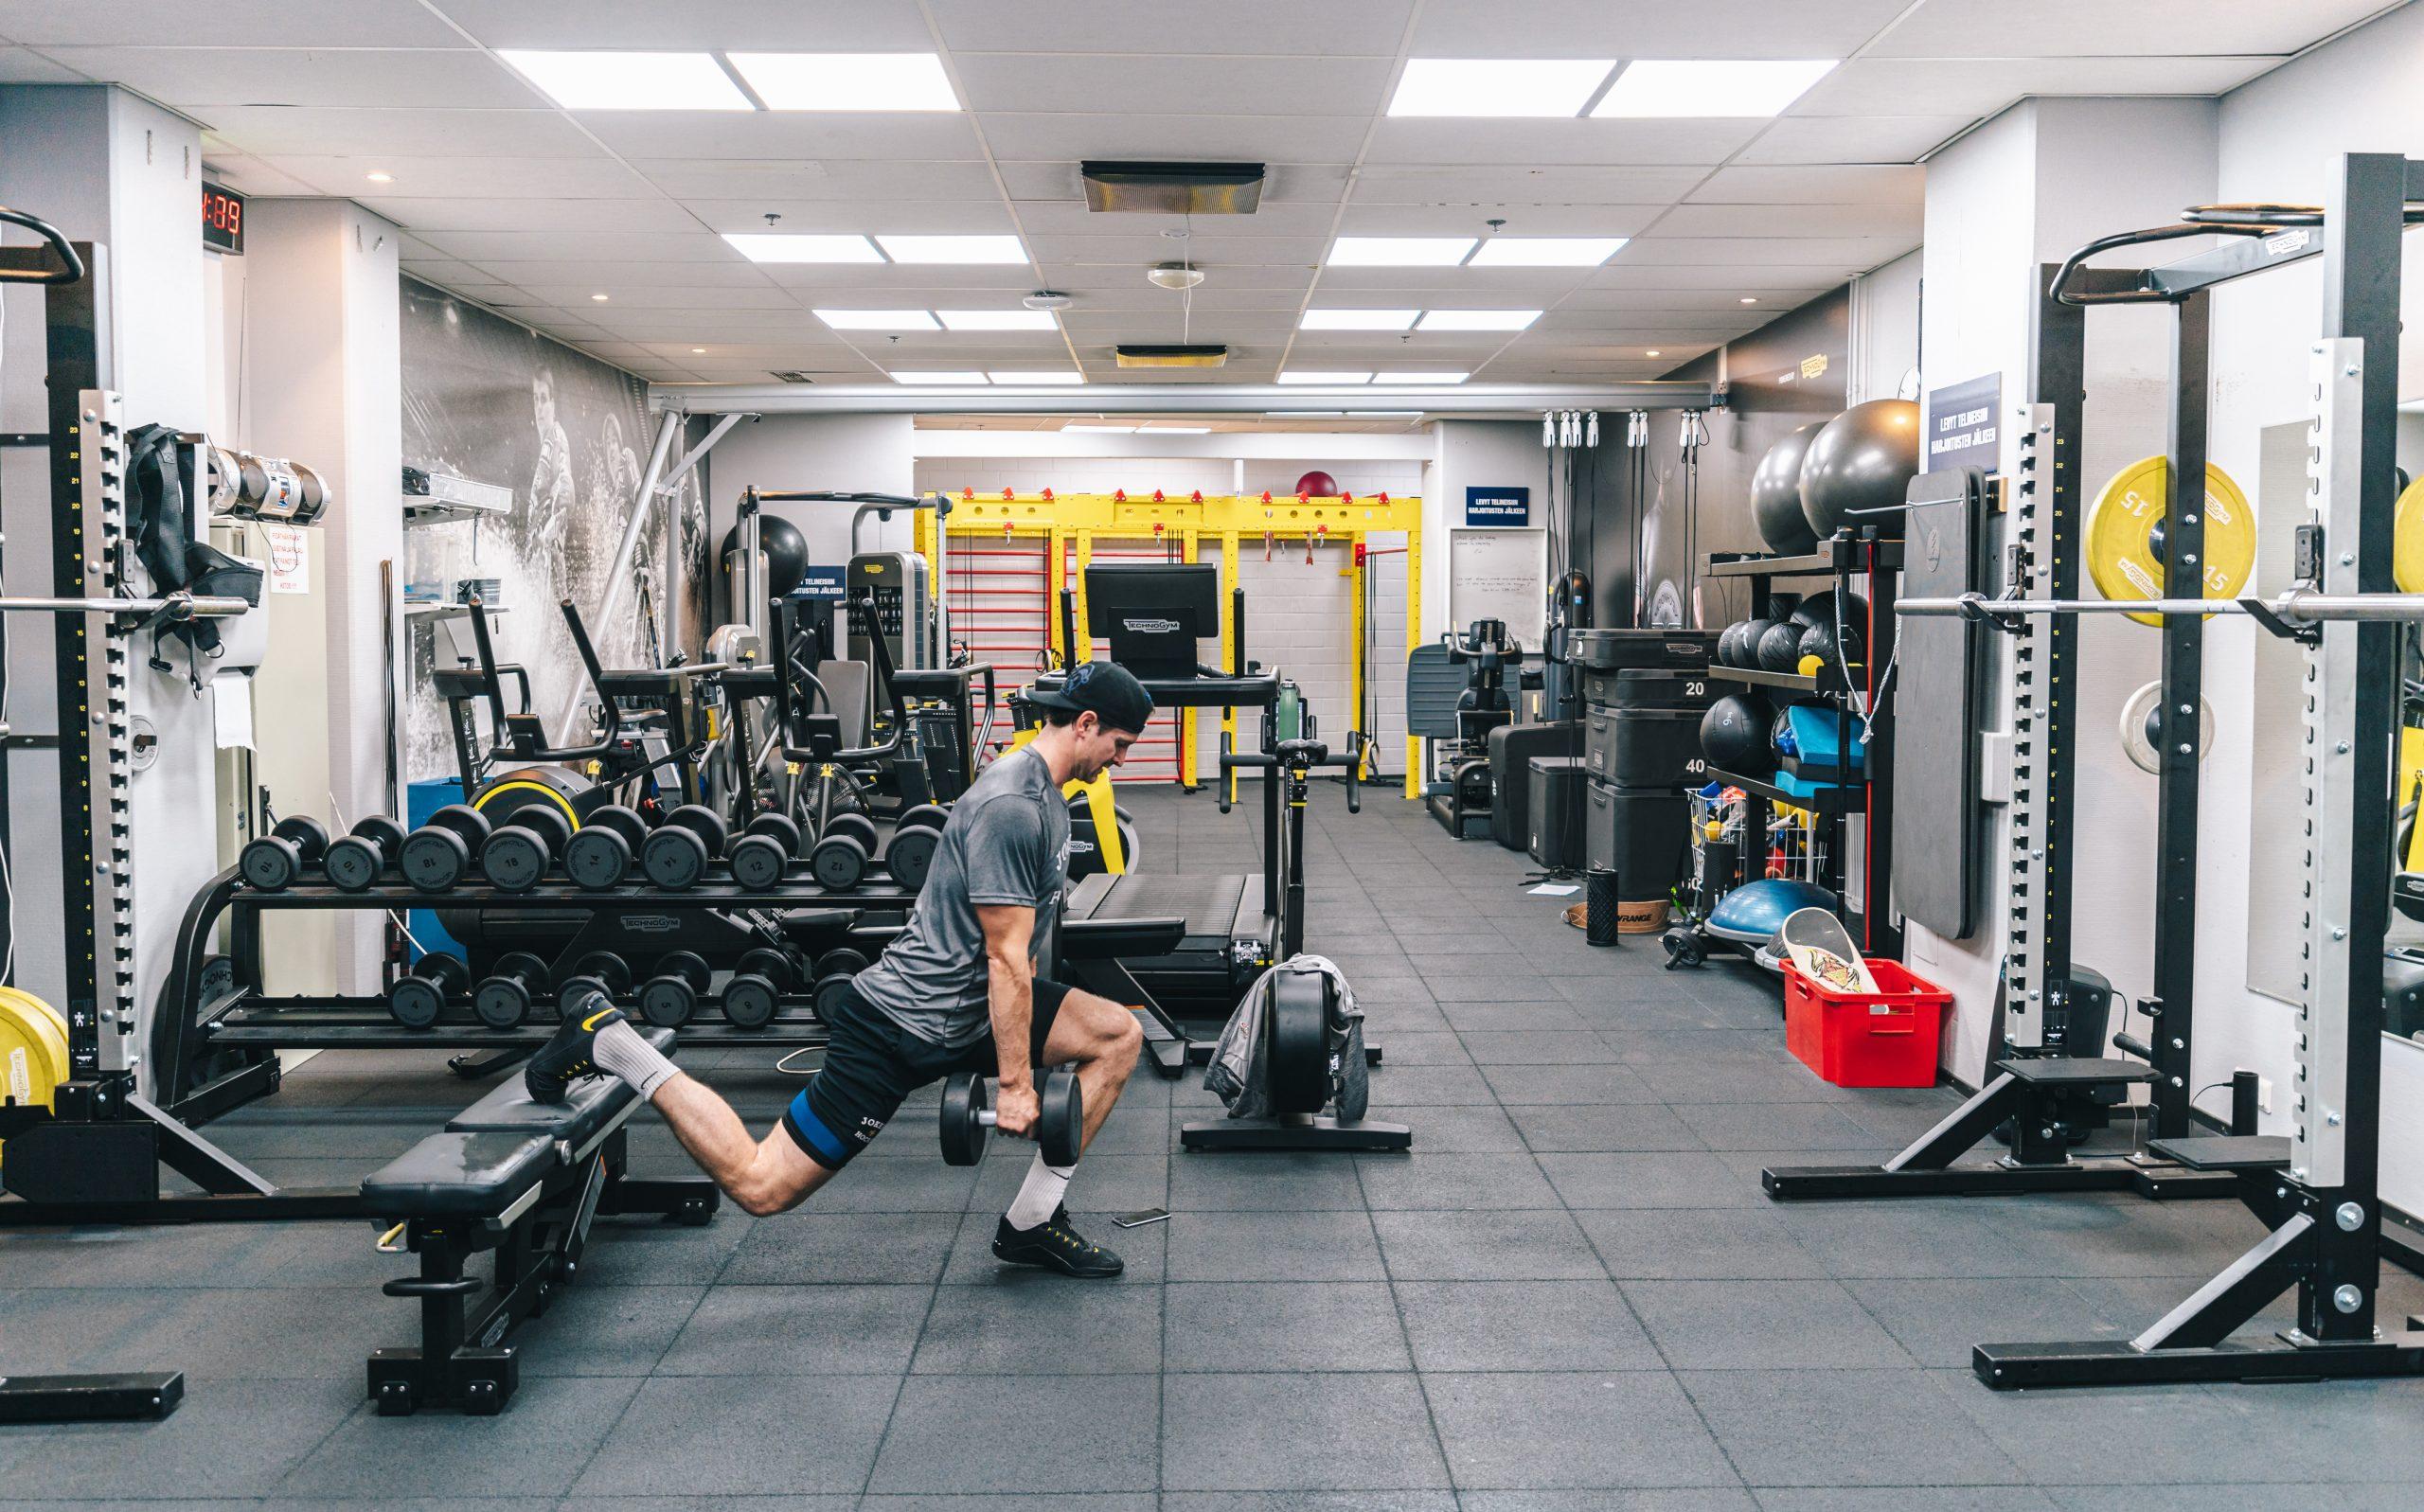 Fitnesscenter - Fysisk träning